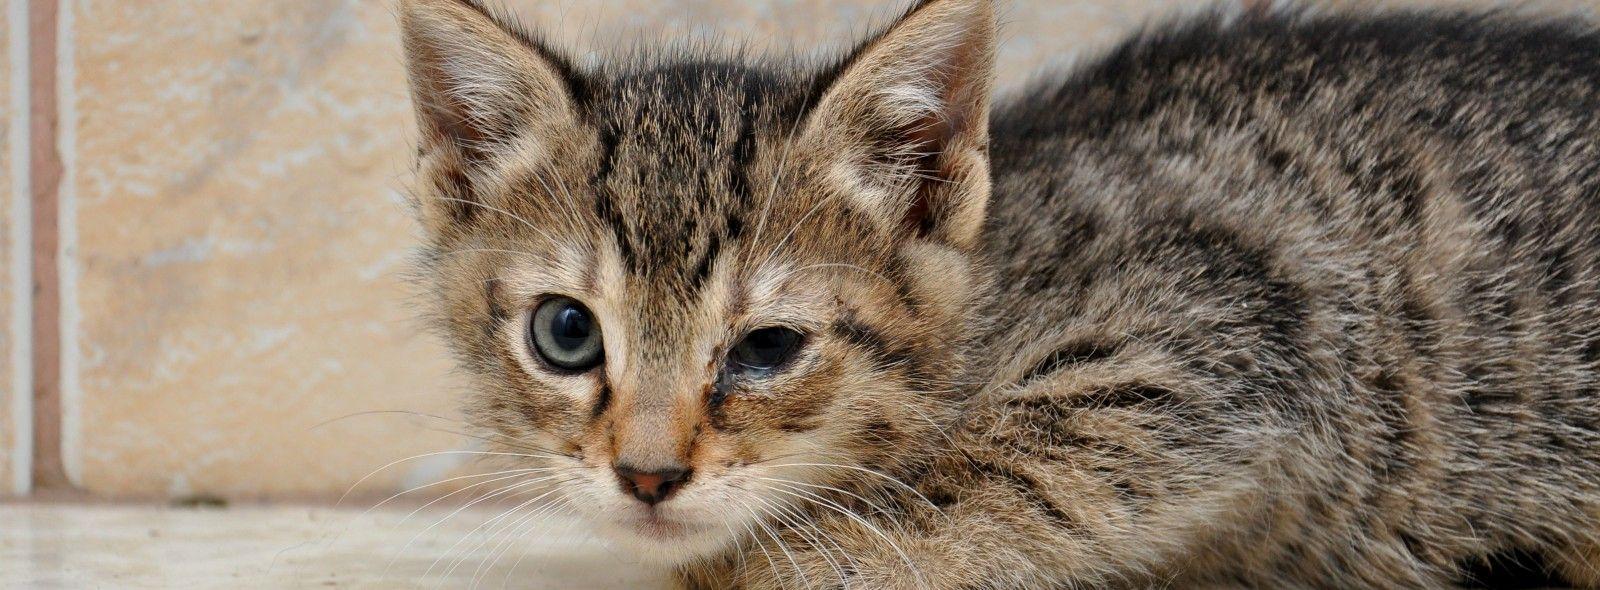 Come curare la congiuntivite nel gatto